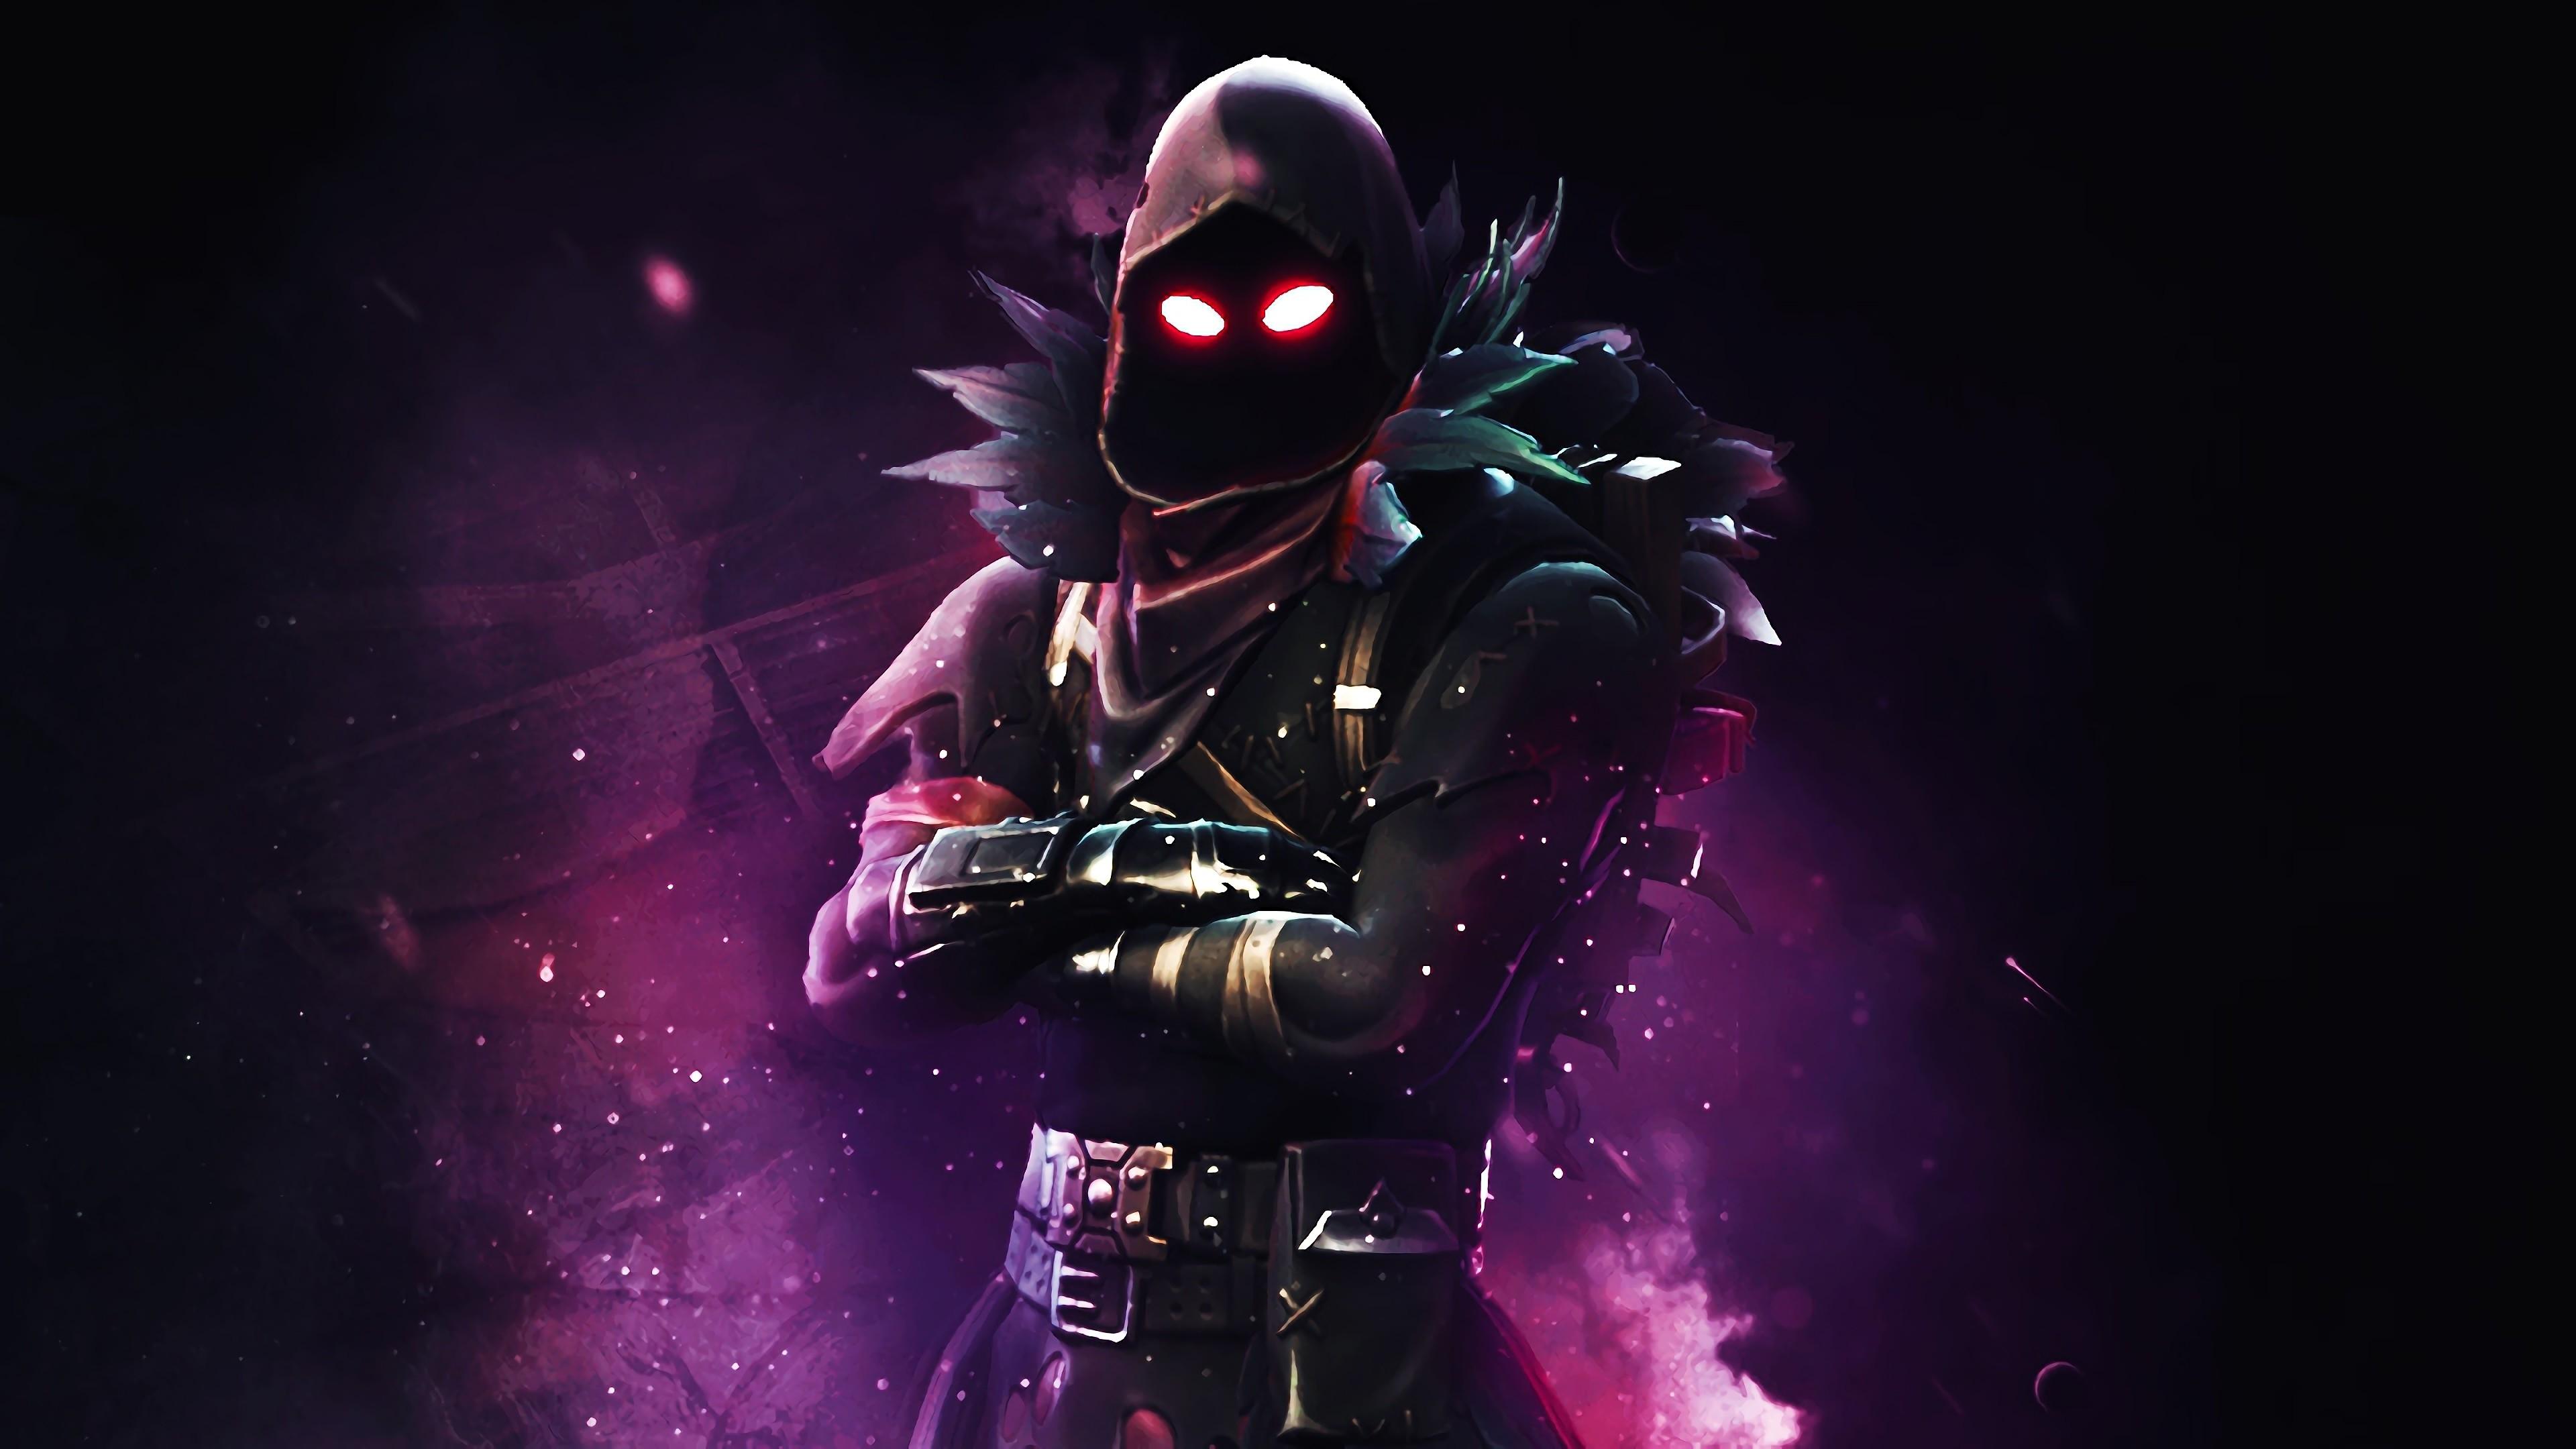 Raven Fortnite Battle Royale 4k Background Hd Games 4k